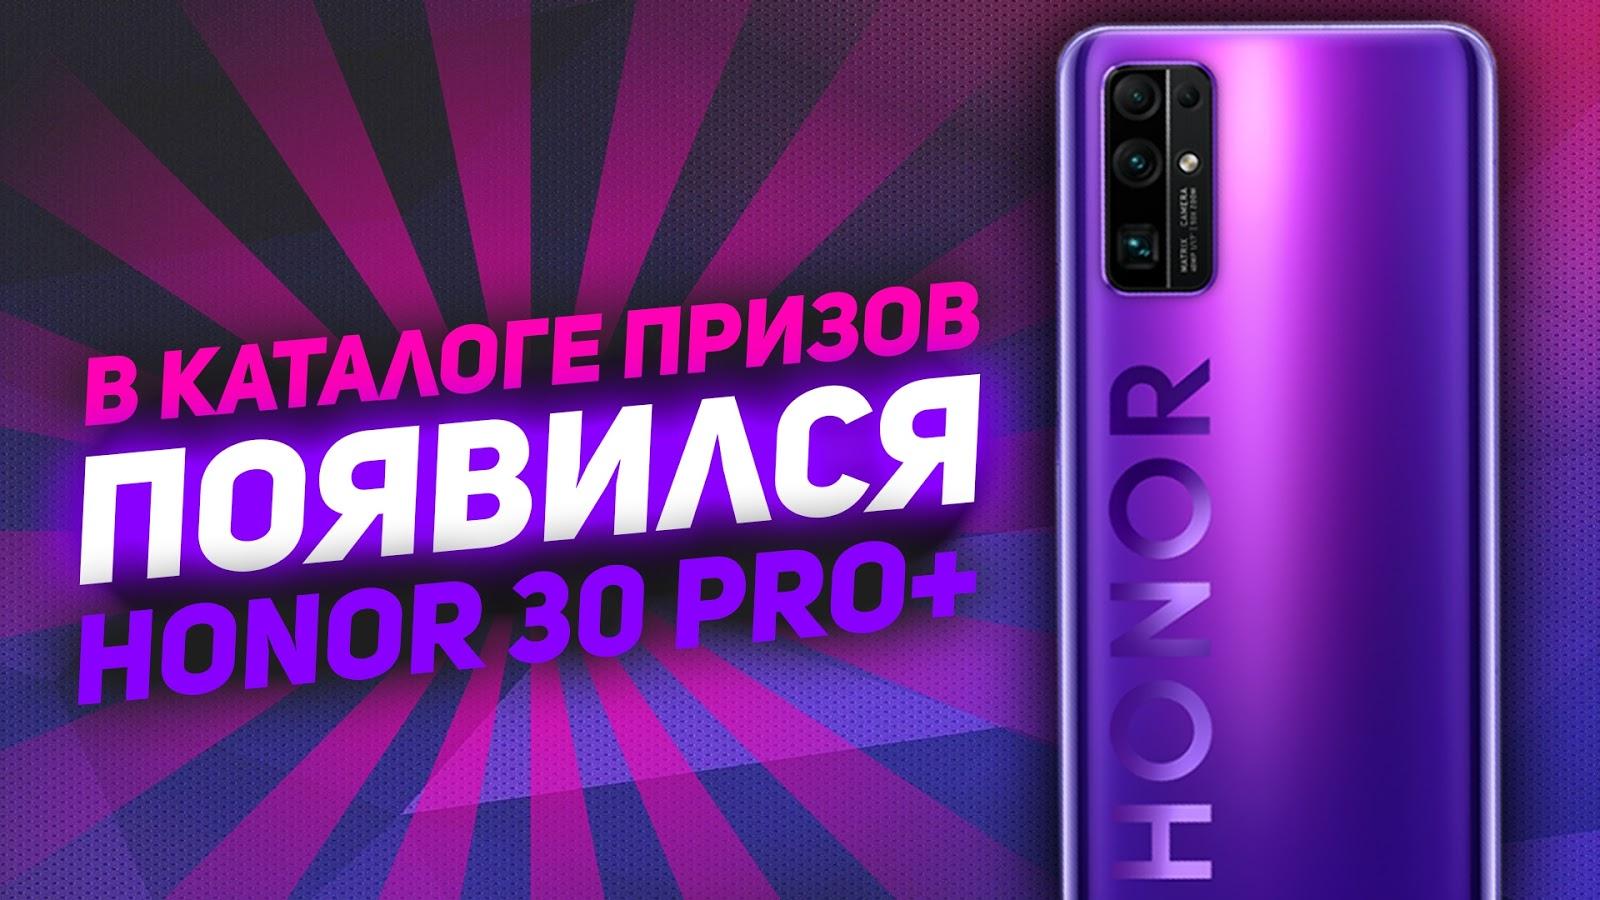 Обнови свой смартфон - в призах доступен HONOR 30 Pro+